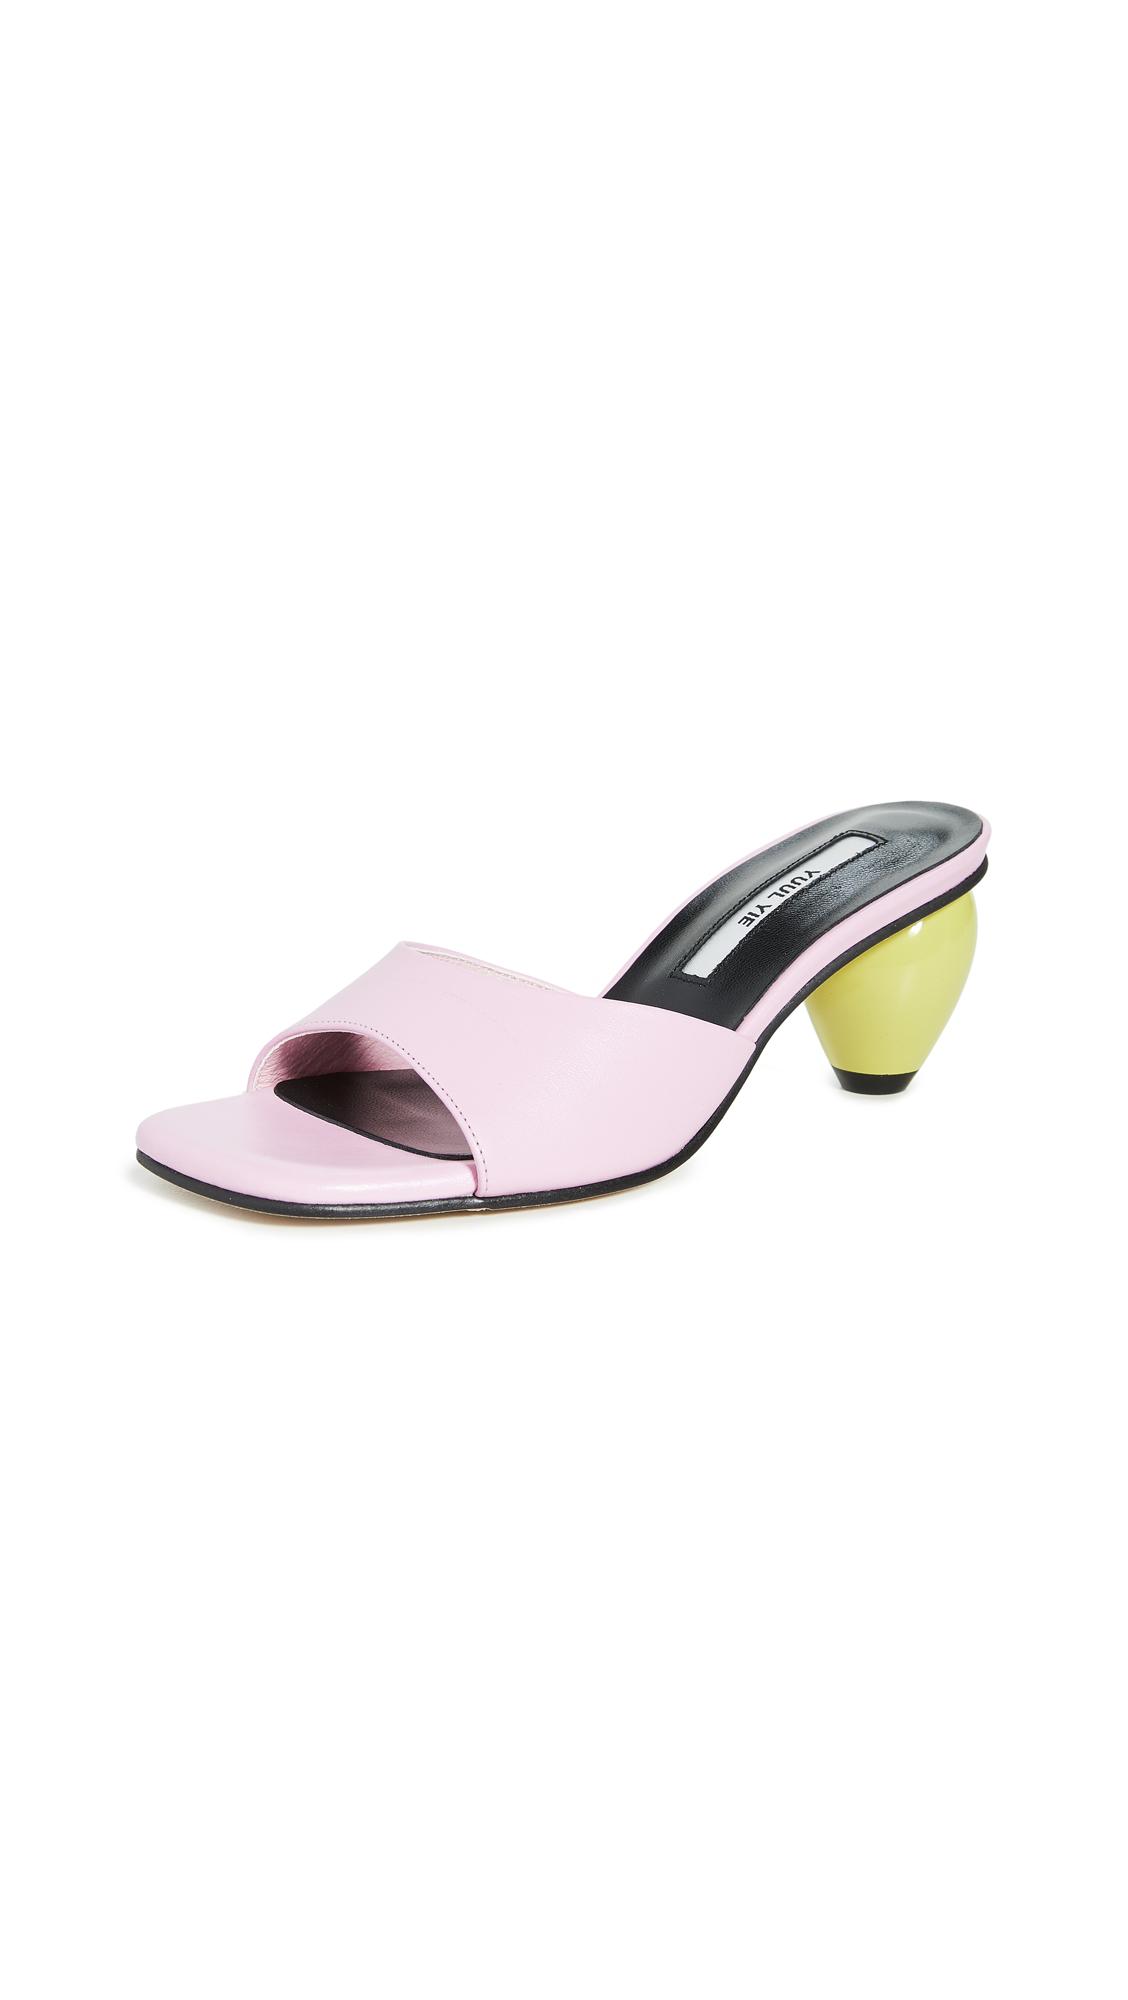 Buy Yuul Yie June Sandals online, shop Yuul Yie